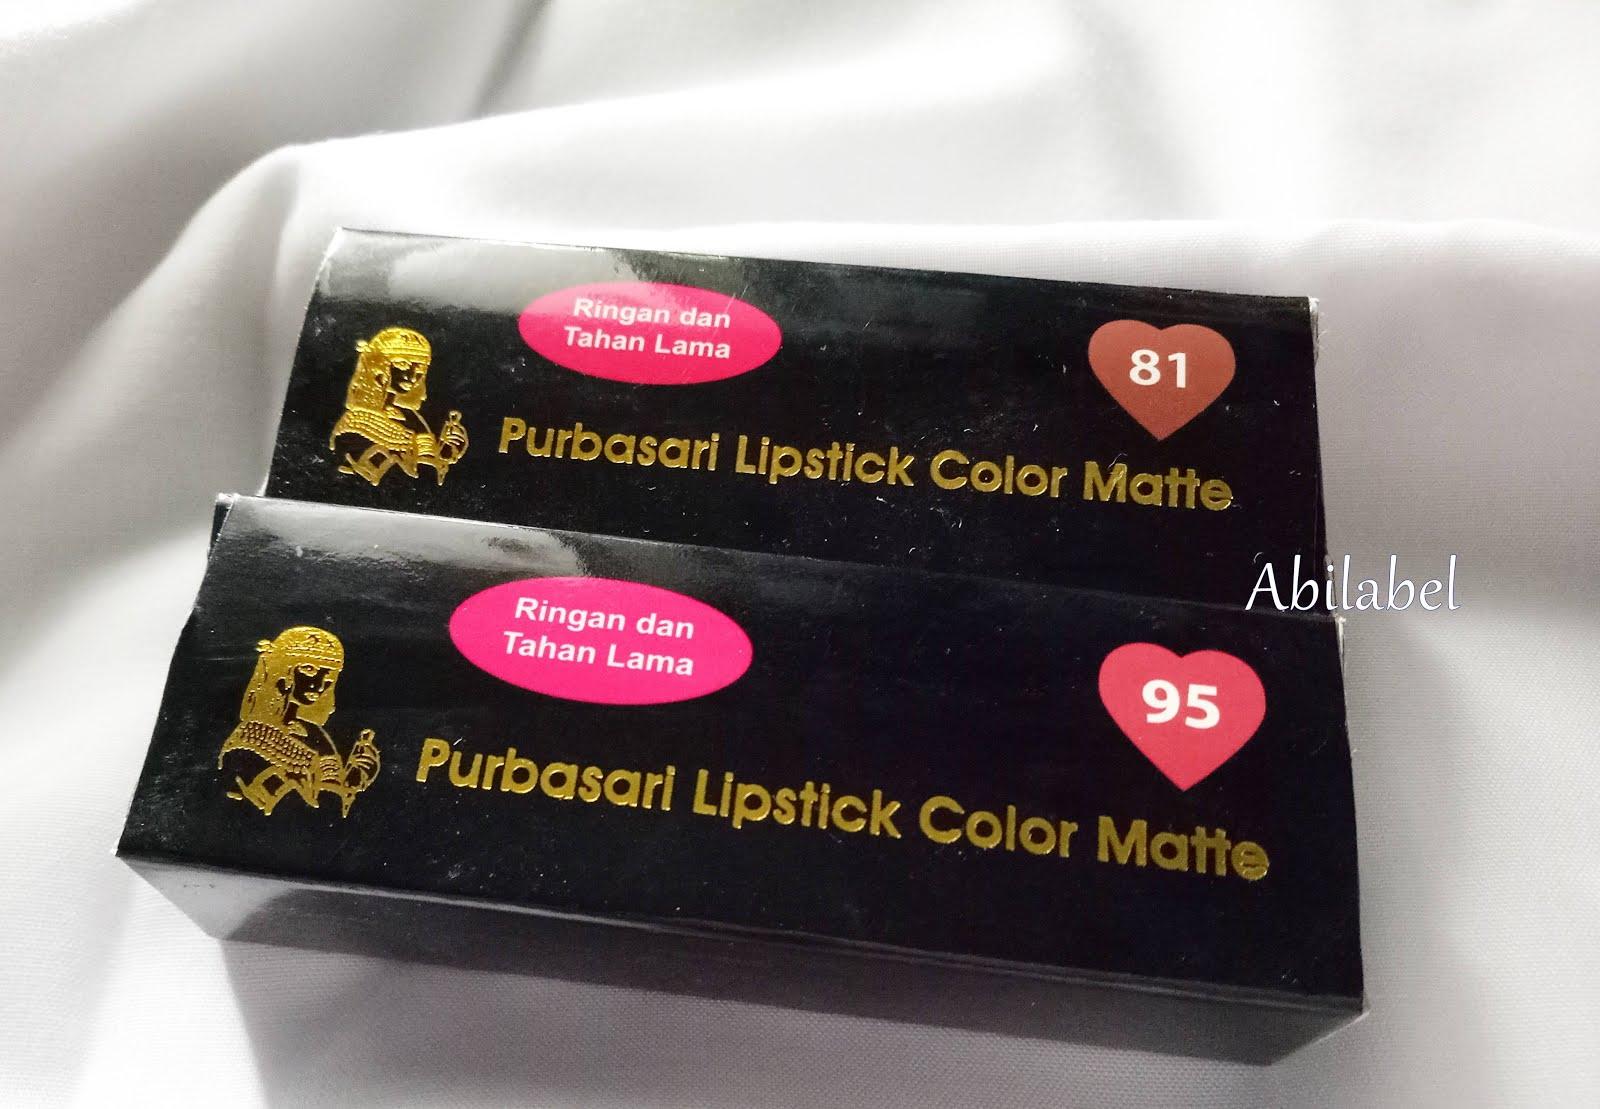 Abilabel Review Purbasari Lipstick Color Matte Lipstik Collor Jadi Mindset I Hate Make Up Itu Harus Hilang Dalam Kehidupan Aku Lol Oke Langsung Aja Ke Penampakannya Kebetulan Beli 2